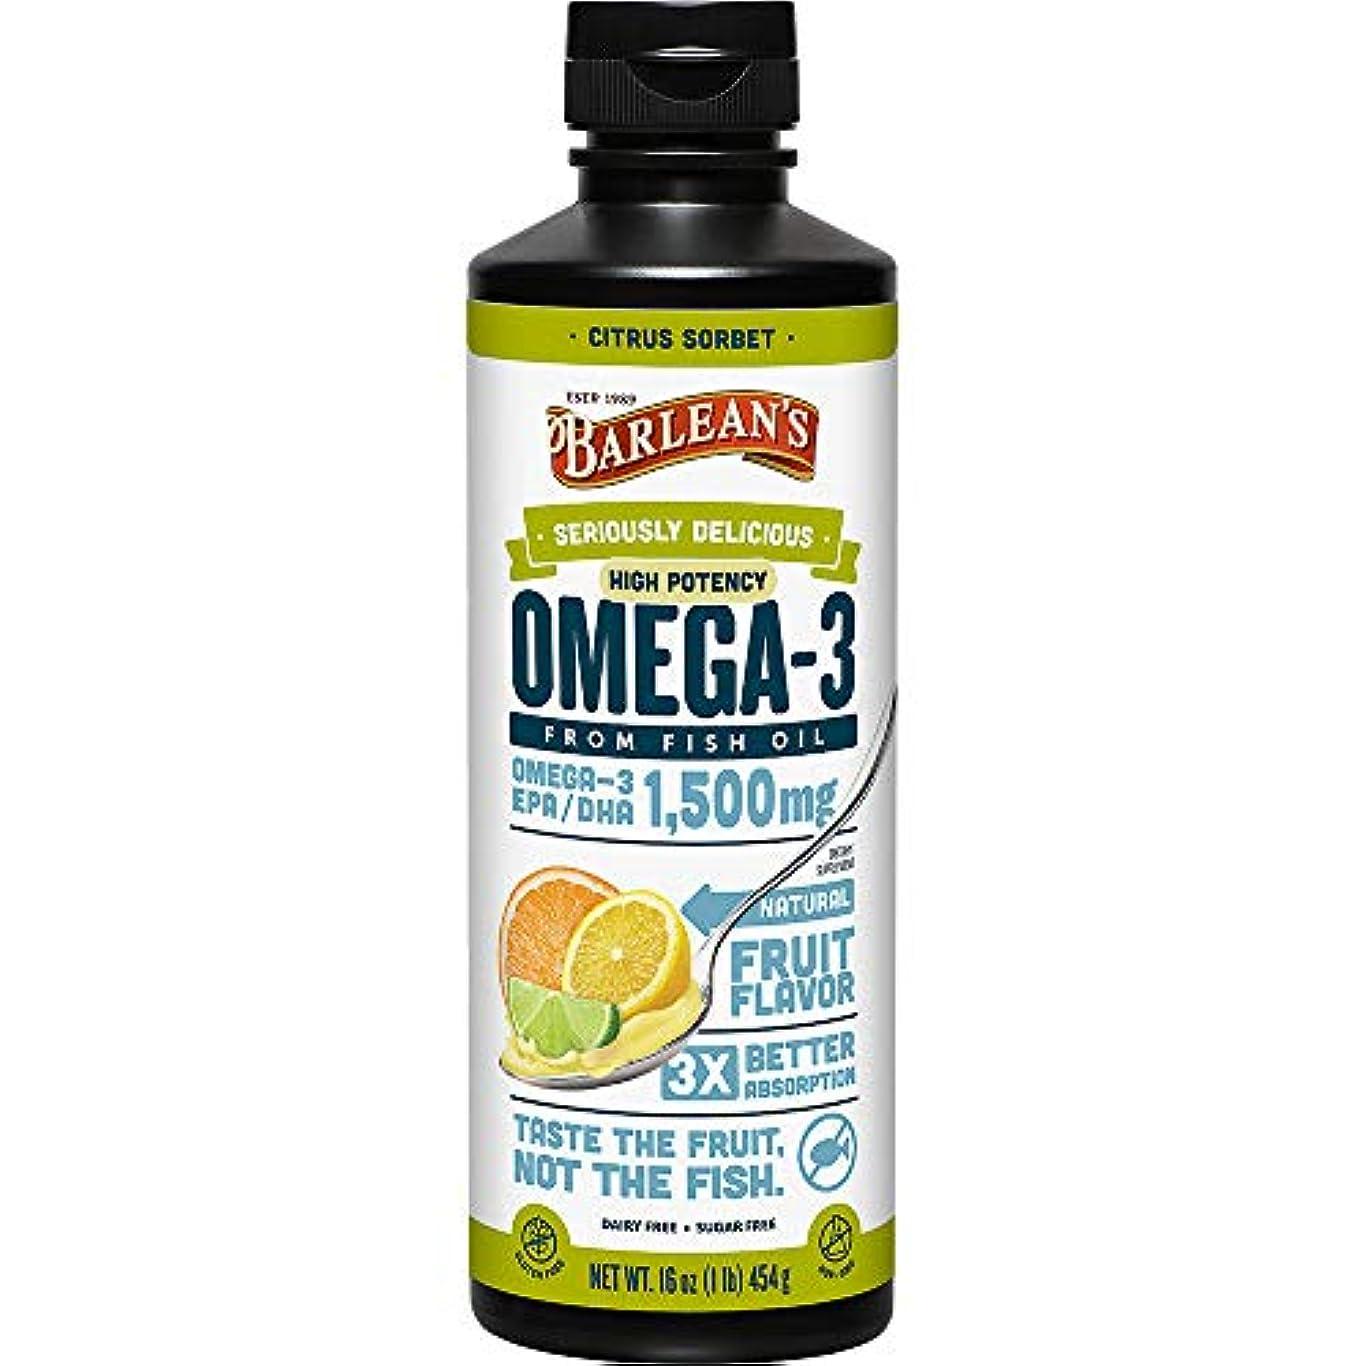 カメラヒゲ頭蓋骨Omega Swirl, Ultra High Potency Fish Oil, Citrus Sorbet - Barlean's - UK Seller by Barlean's